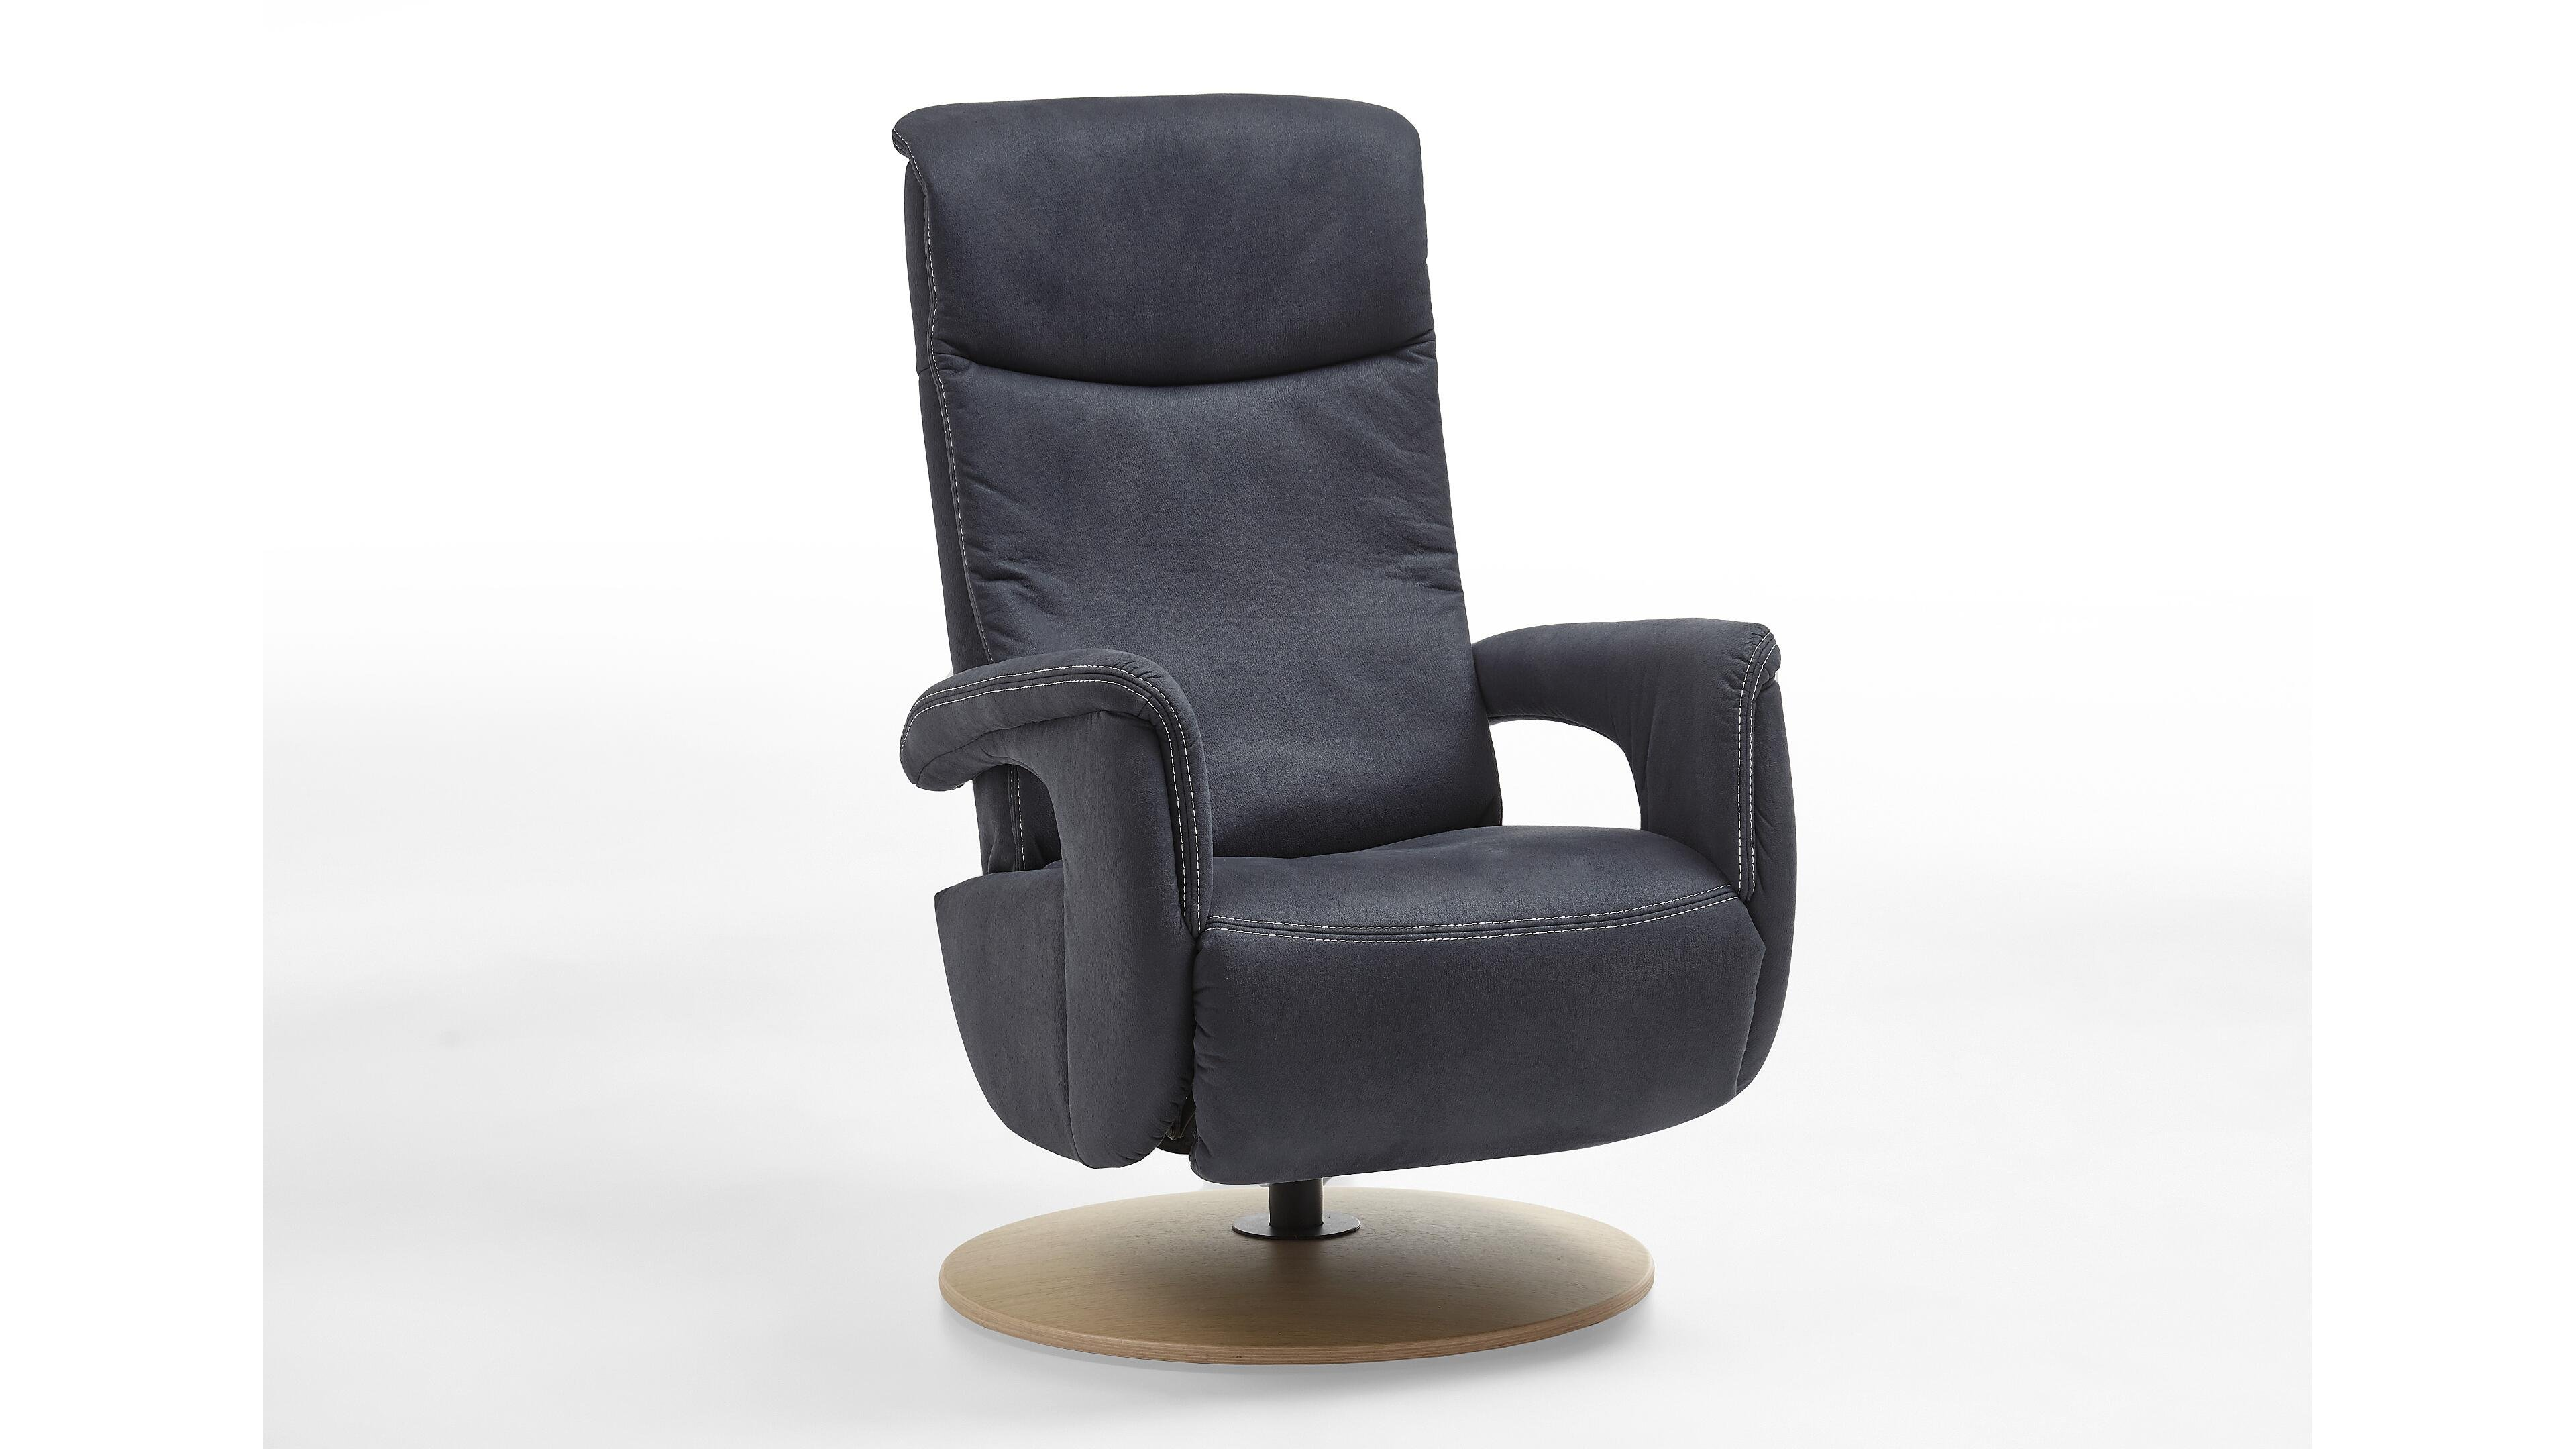 Relaxsessel EasyChair S Blau Denimfarbene Mikrofaser Deluxe & Holz